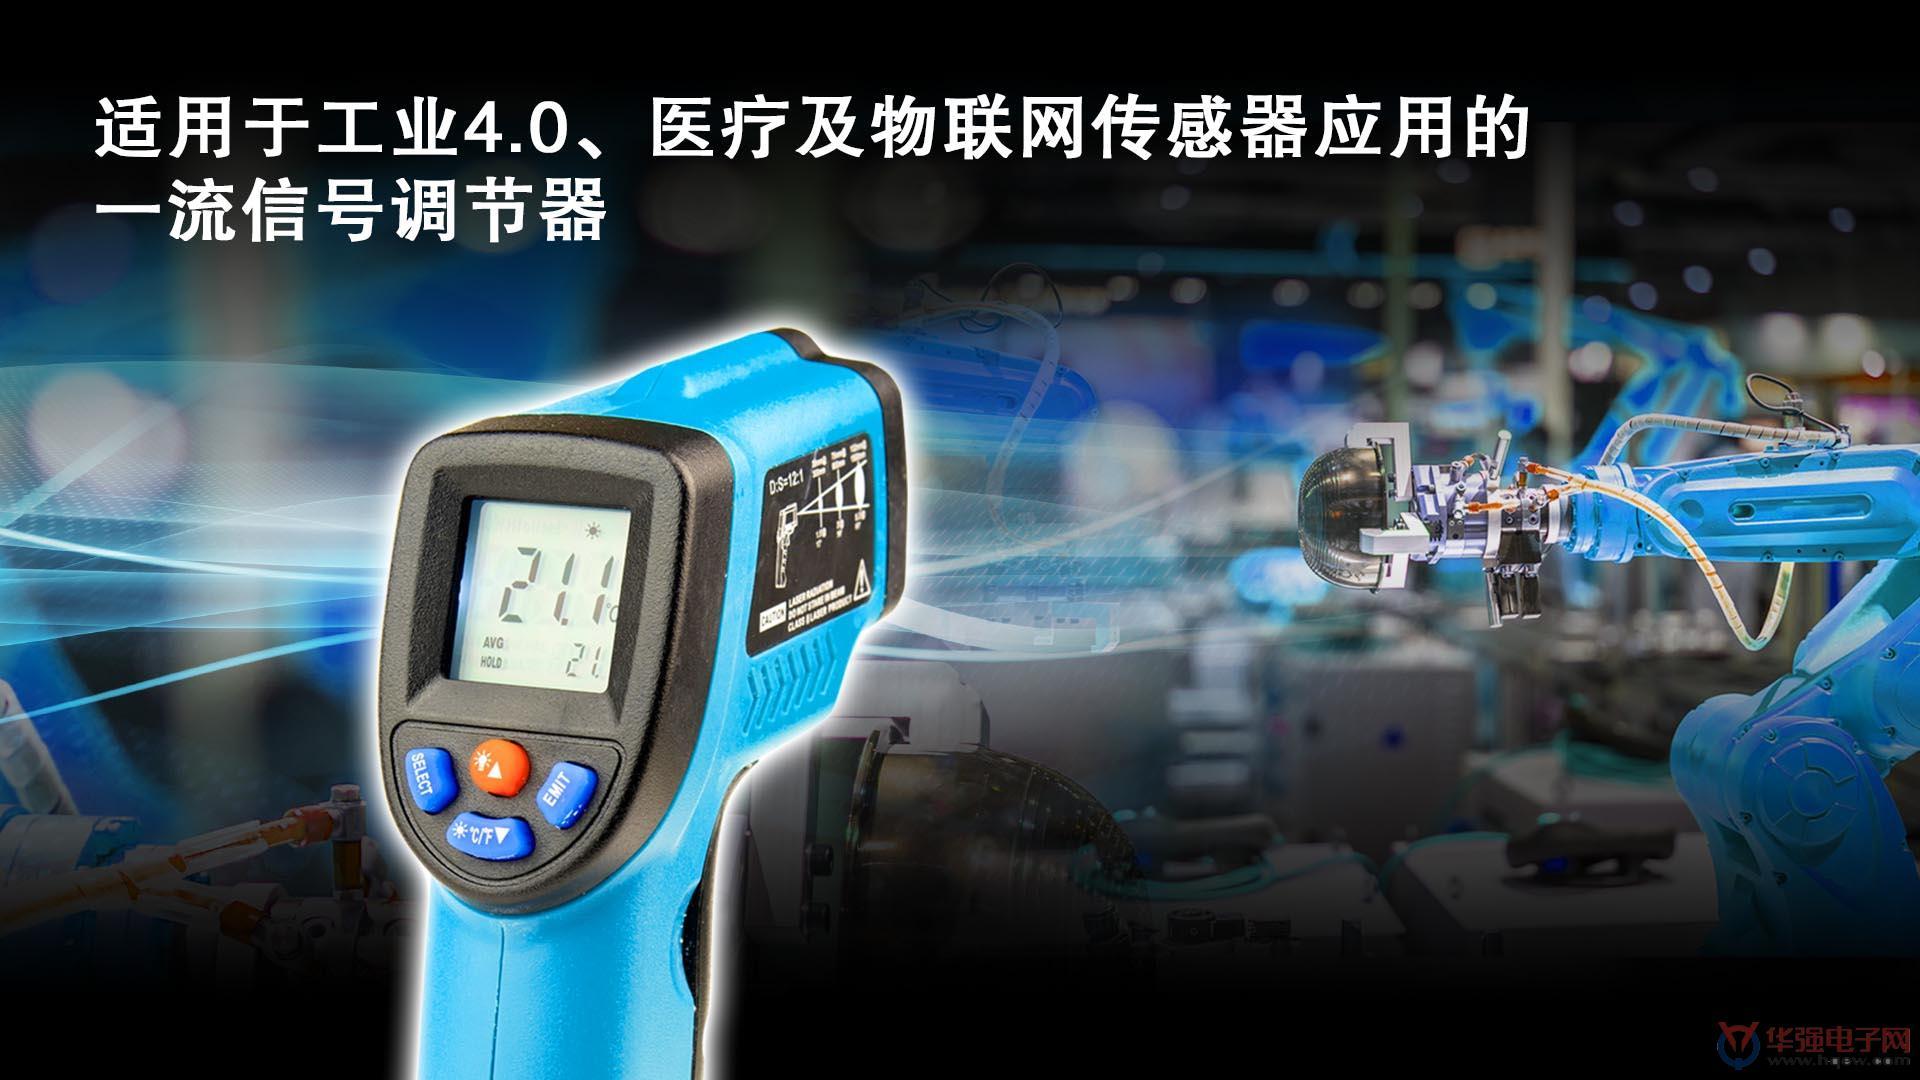 适用于工业4.0、医疗及物联网传感器应用的一流信号调节器.jpg